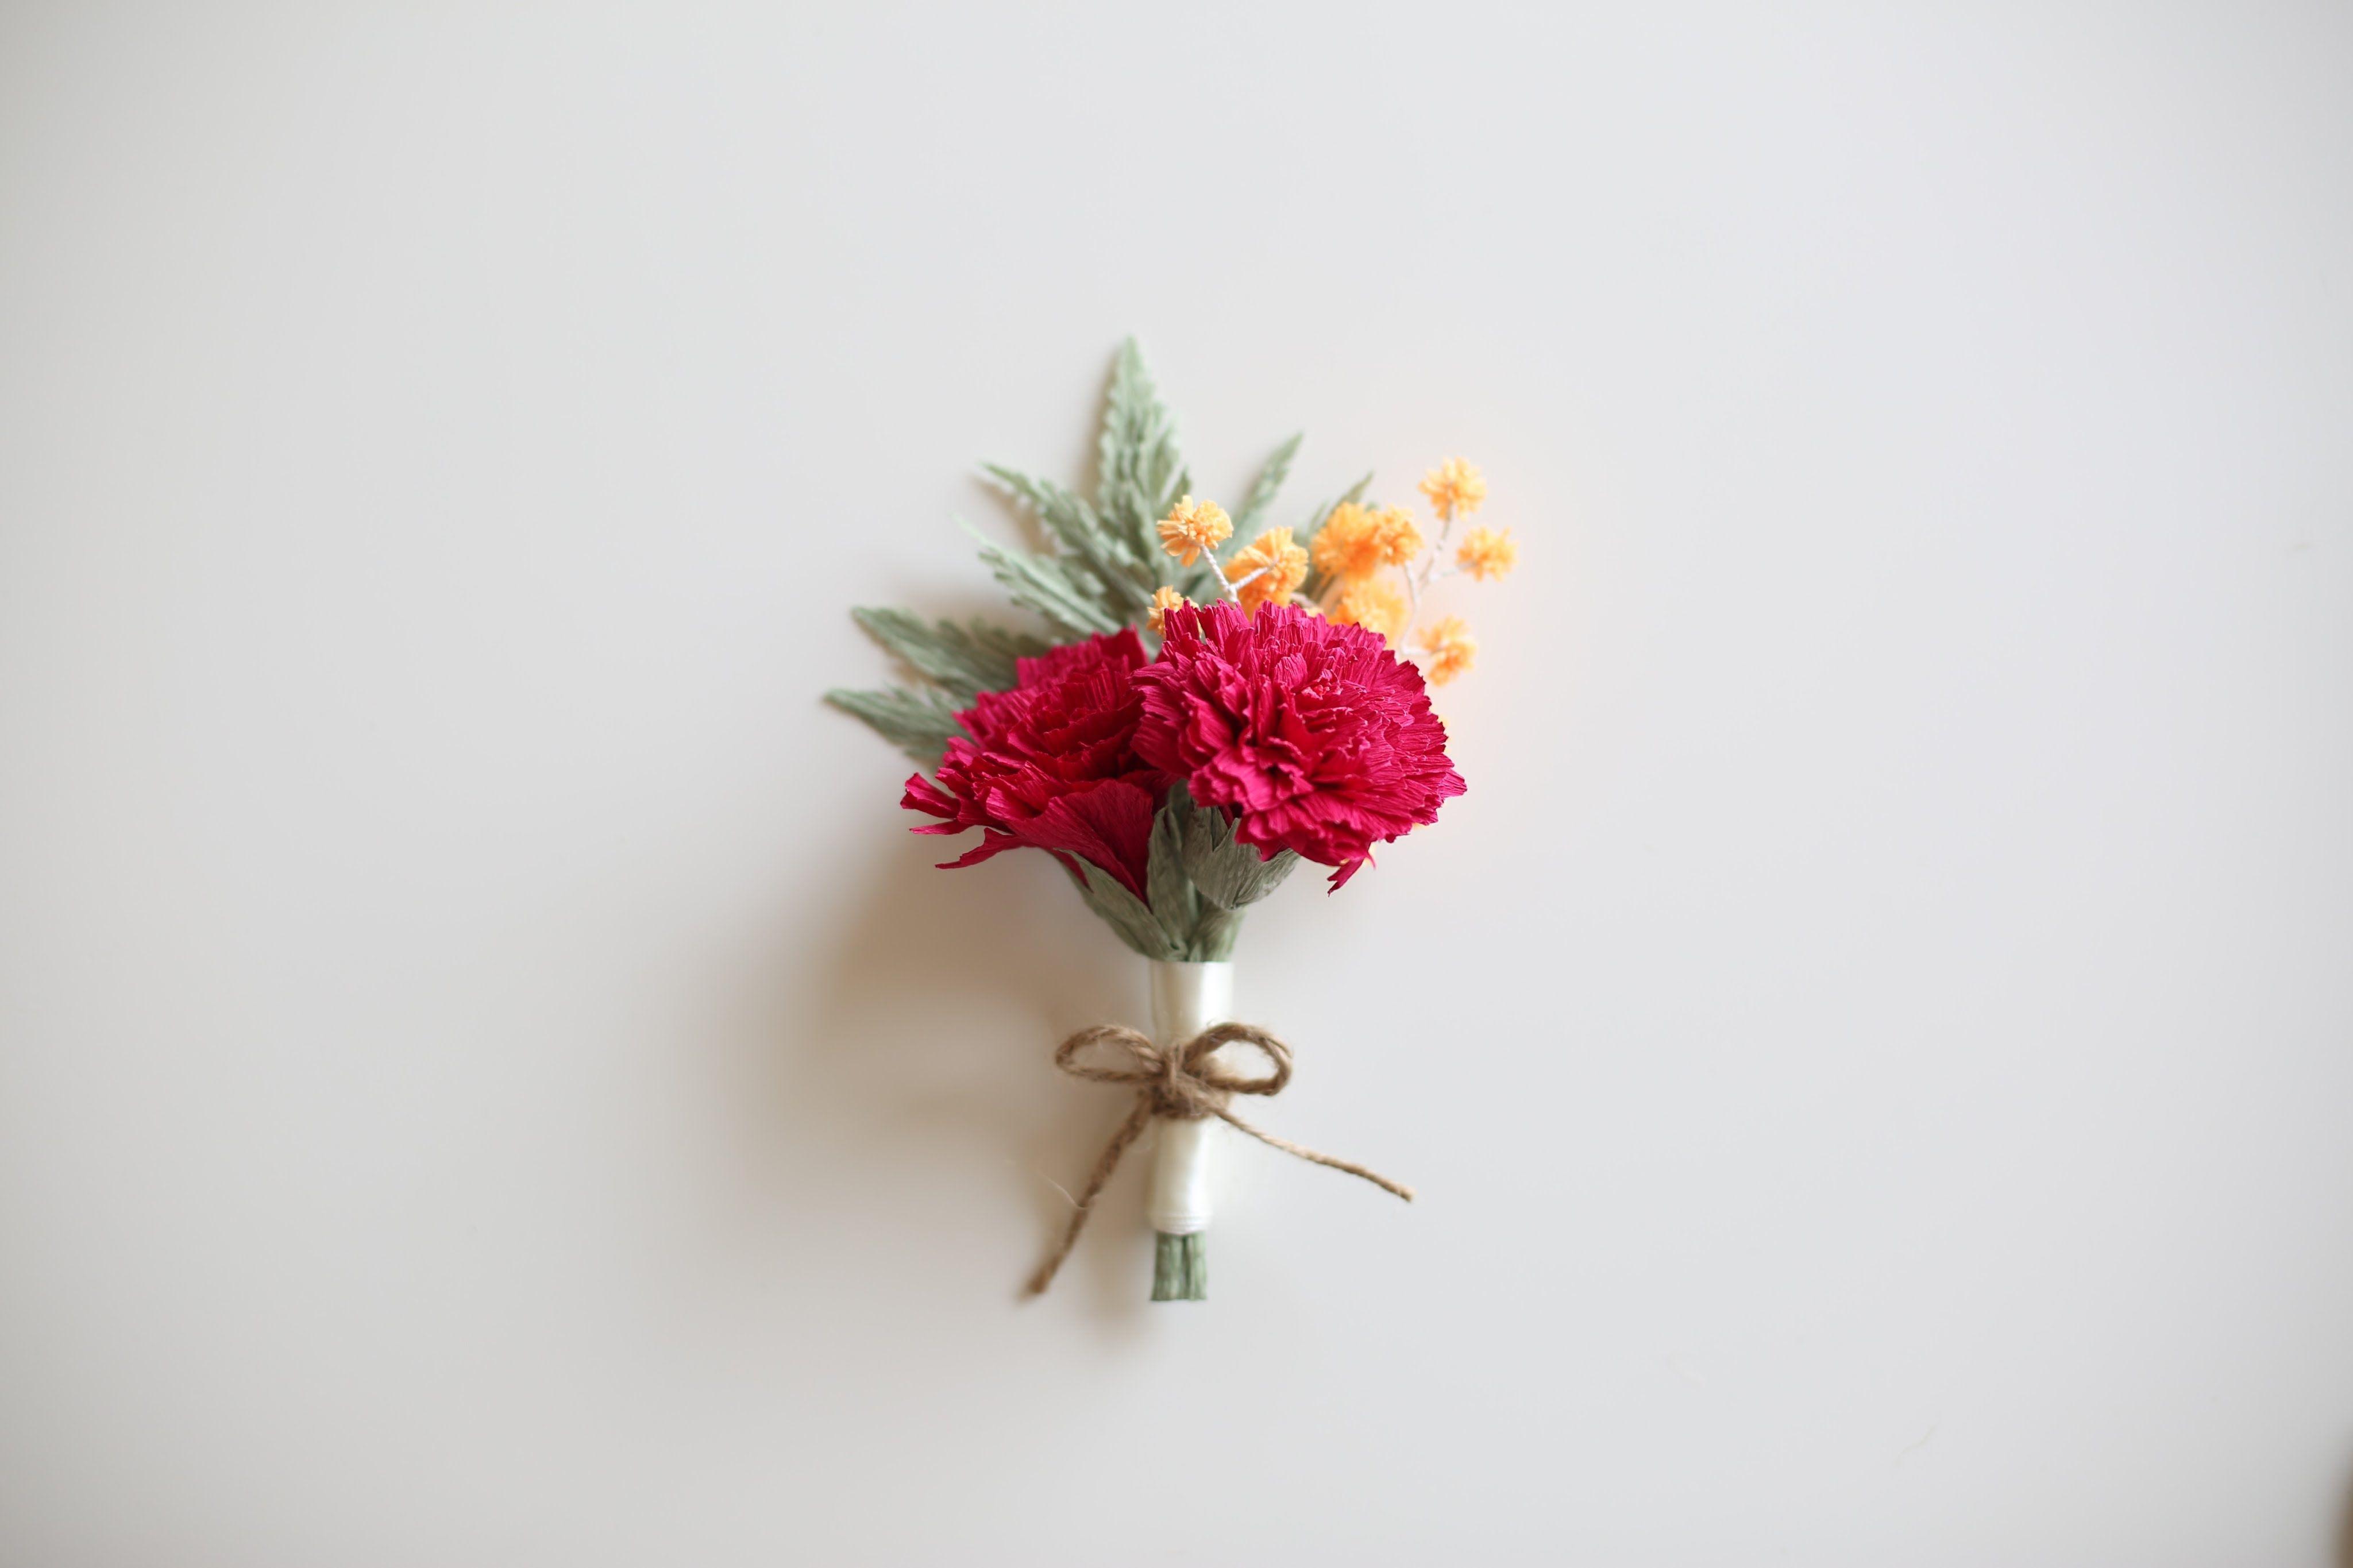 How To Make Paperflowers Rumohra Easy Simple Paper Flowers